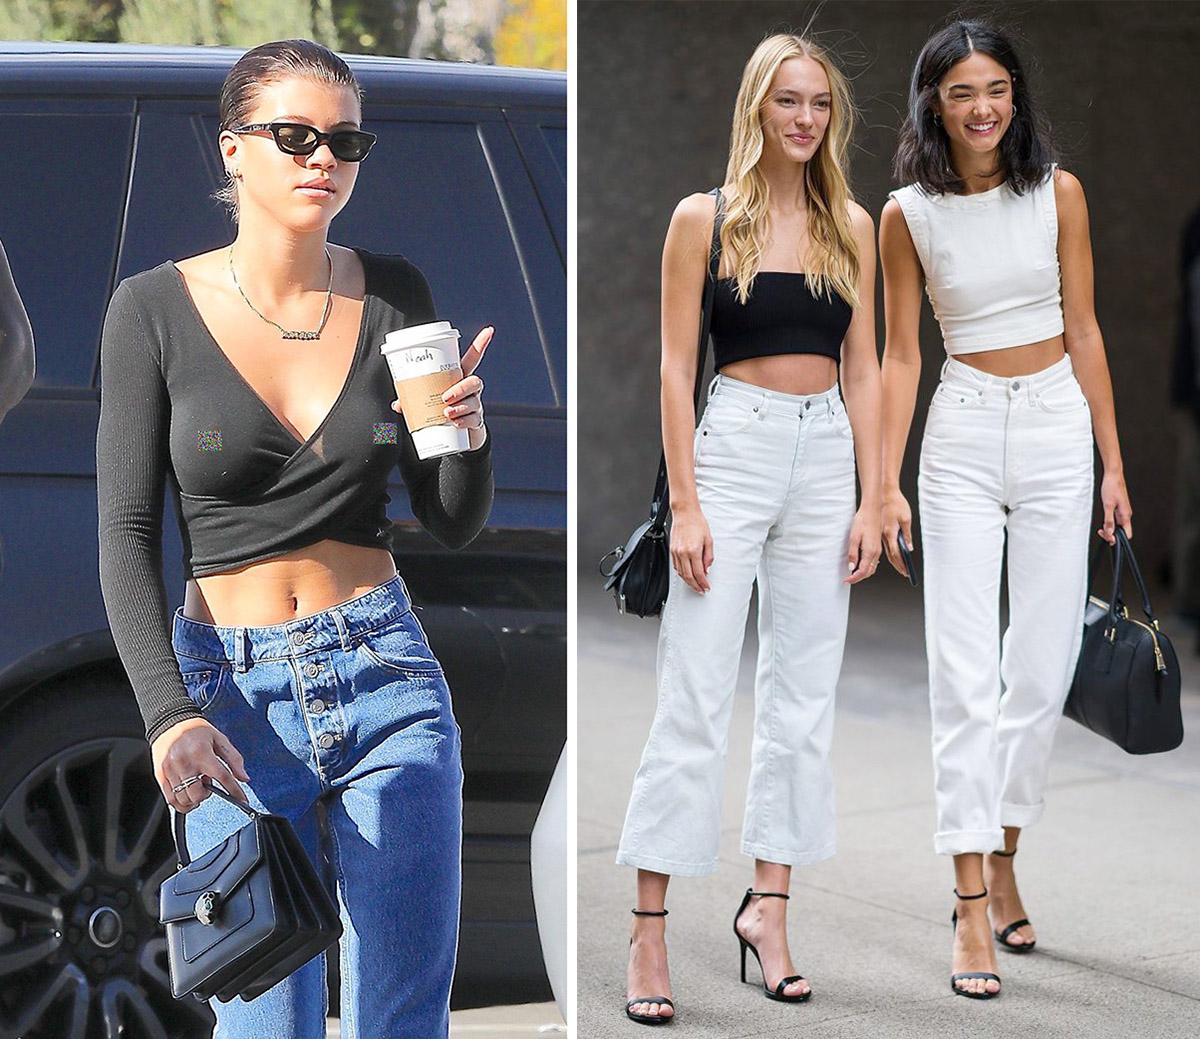 Crop-top Đây là kiểu trang phục chỉ phù hợp với giới trẻ. Mọi người thường mặc crop-top kèm legging hoặc quần jeans, không hề thời trang hay sang chảnh chút nào, Anna nói. Tuy nhiên, cô cũng đề cập đến trường hợp ngoại lệ, đó là khi crop-top được làm từ chất liệu tốt, cắt may chỉn chu và mix cùng chân váy hay quần cạp cao đồng điệu.